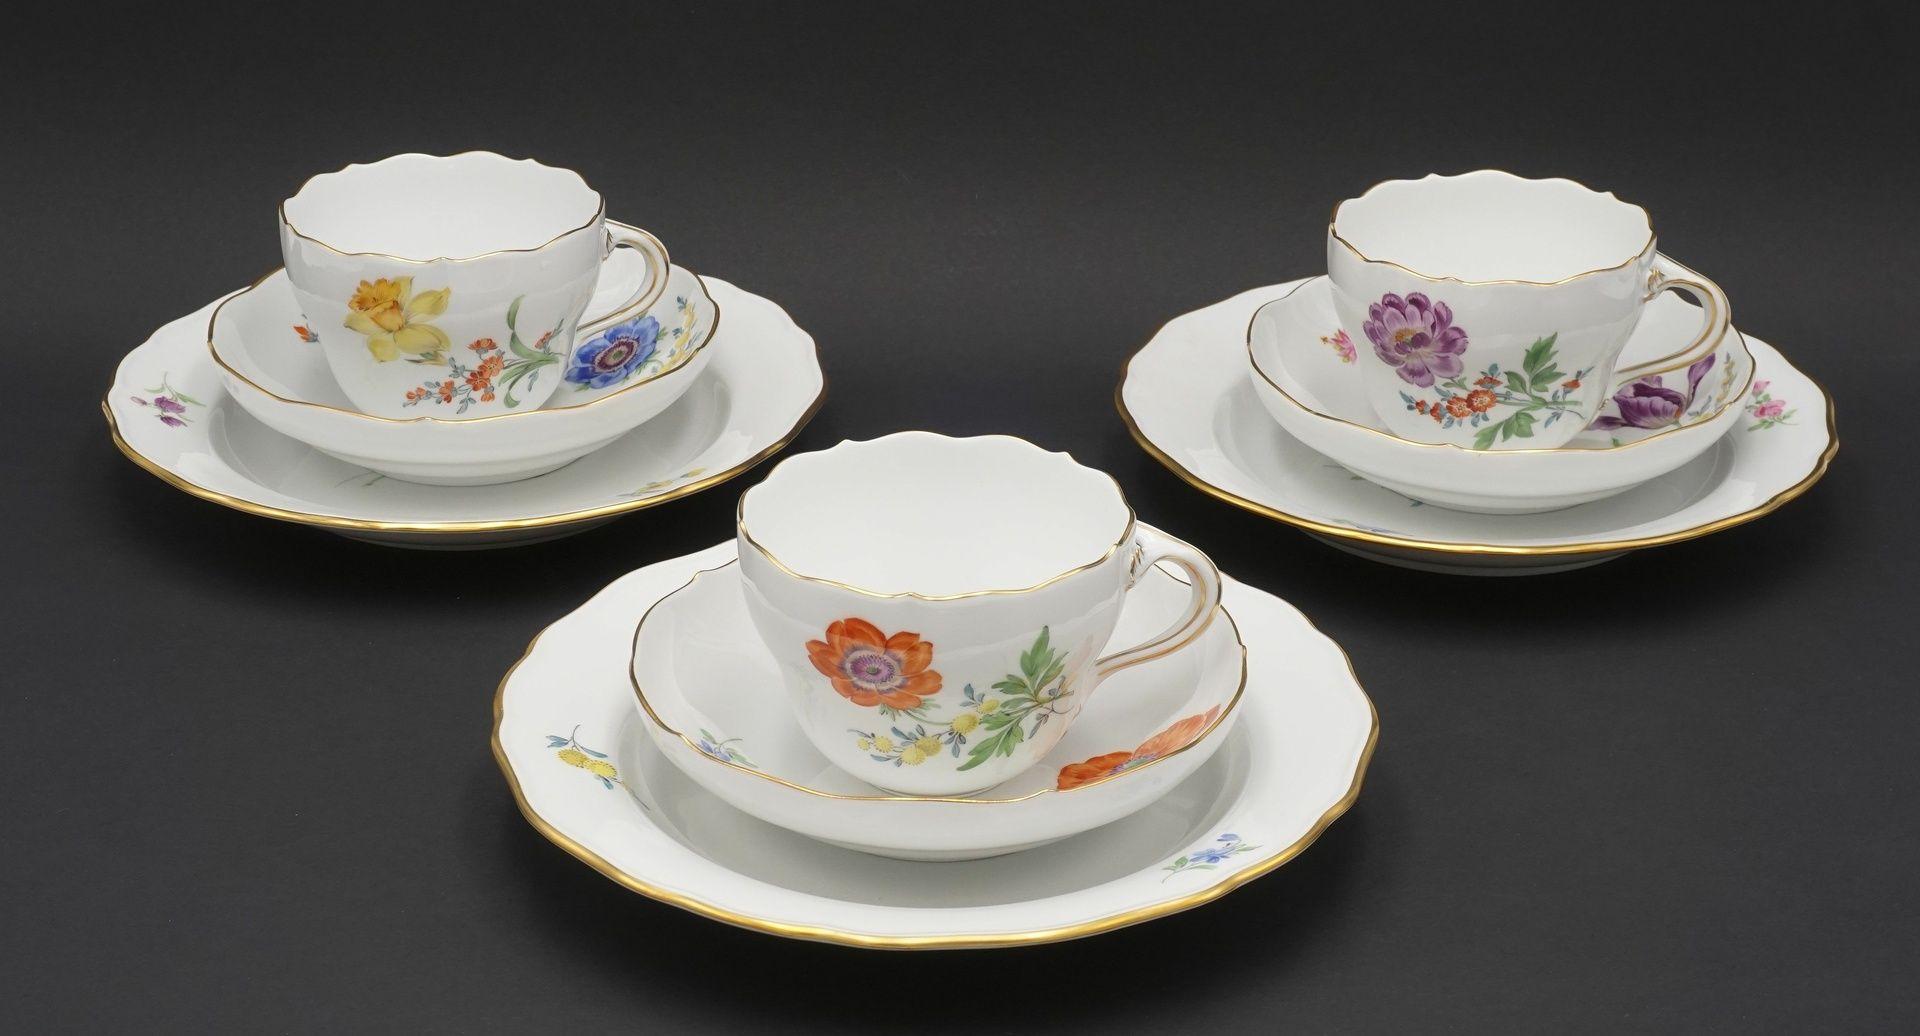 Sechs Meissen Kaffeegedecke mit Bunter Blume - Bild 3 aus 5